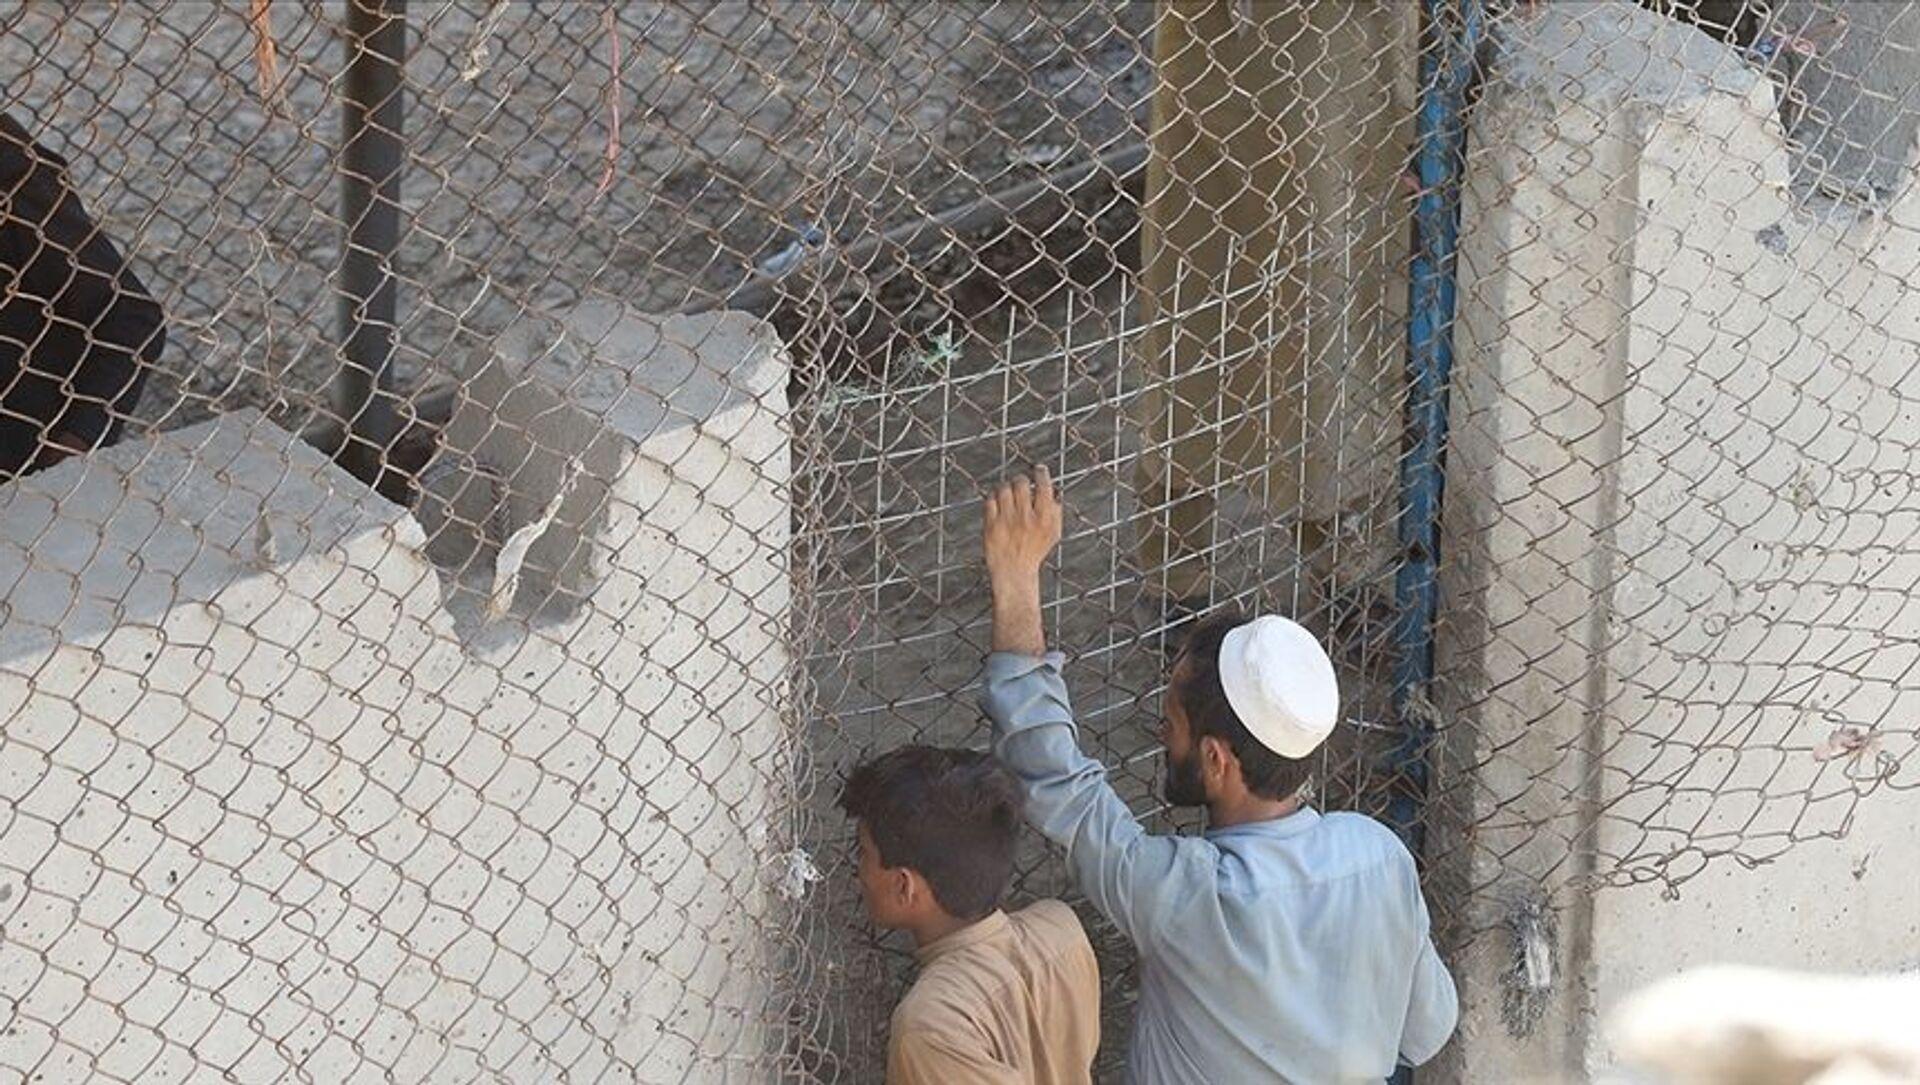 Pakistan, yasa dışı geçişleri engellemek için Afganistan sınırına çektiği tel örgünün yüzde 90'ını tamamladı - Sputnik Türkiye, 1920, 04.08.2021